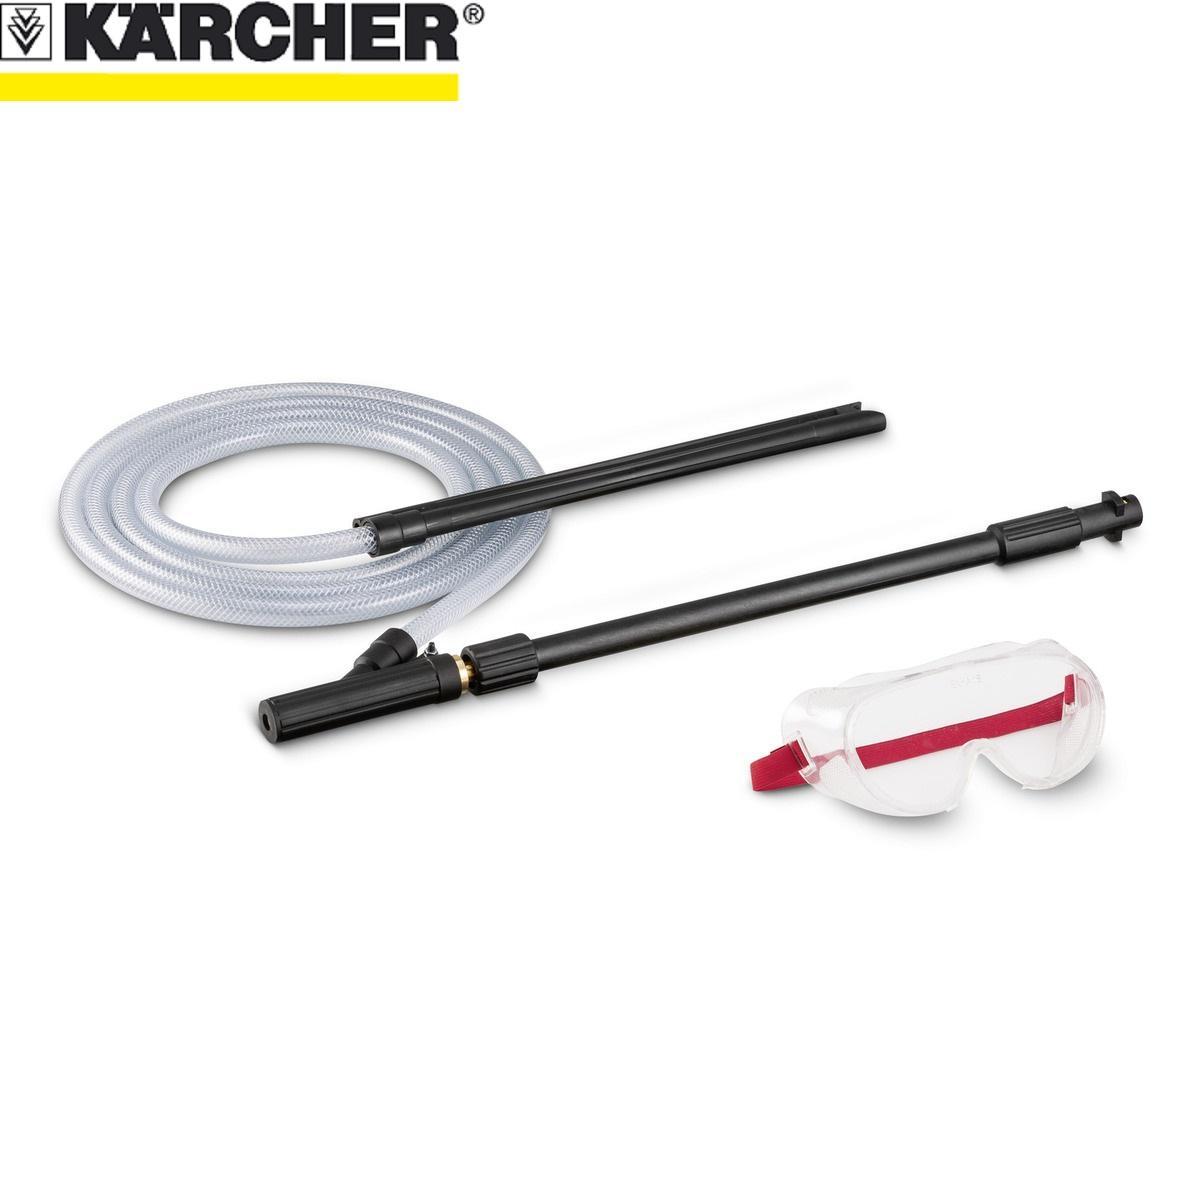 K/ärcher Accessorio Per Idropulitrice Lancia Prolunga 5 m per tutti i modelli